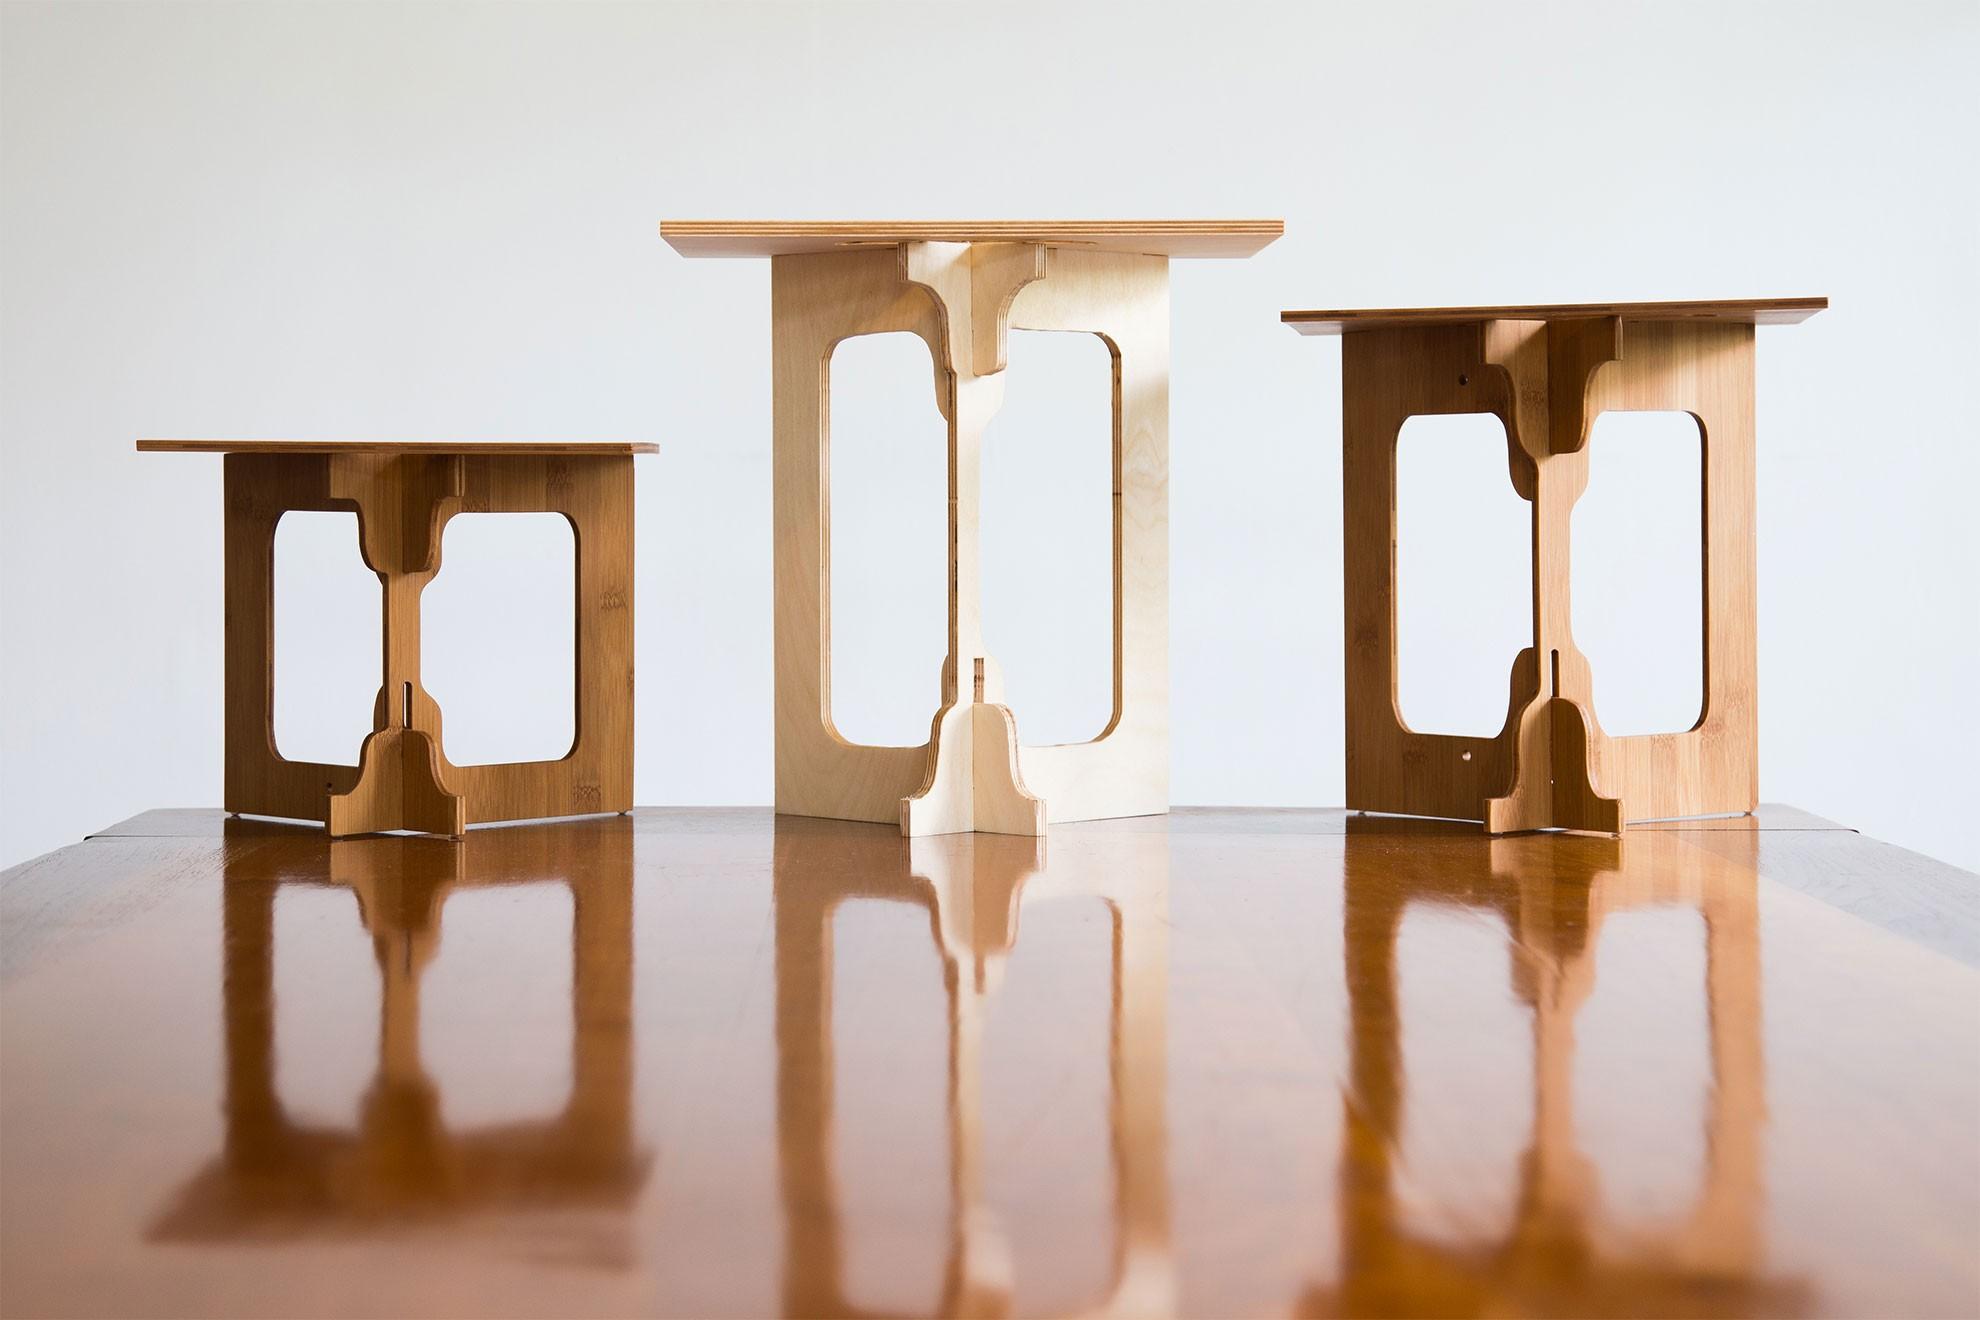 threestandstands